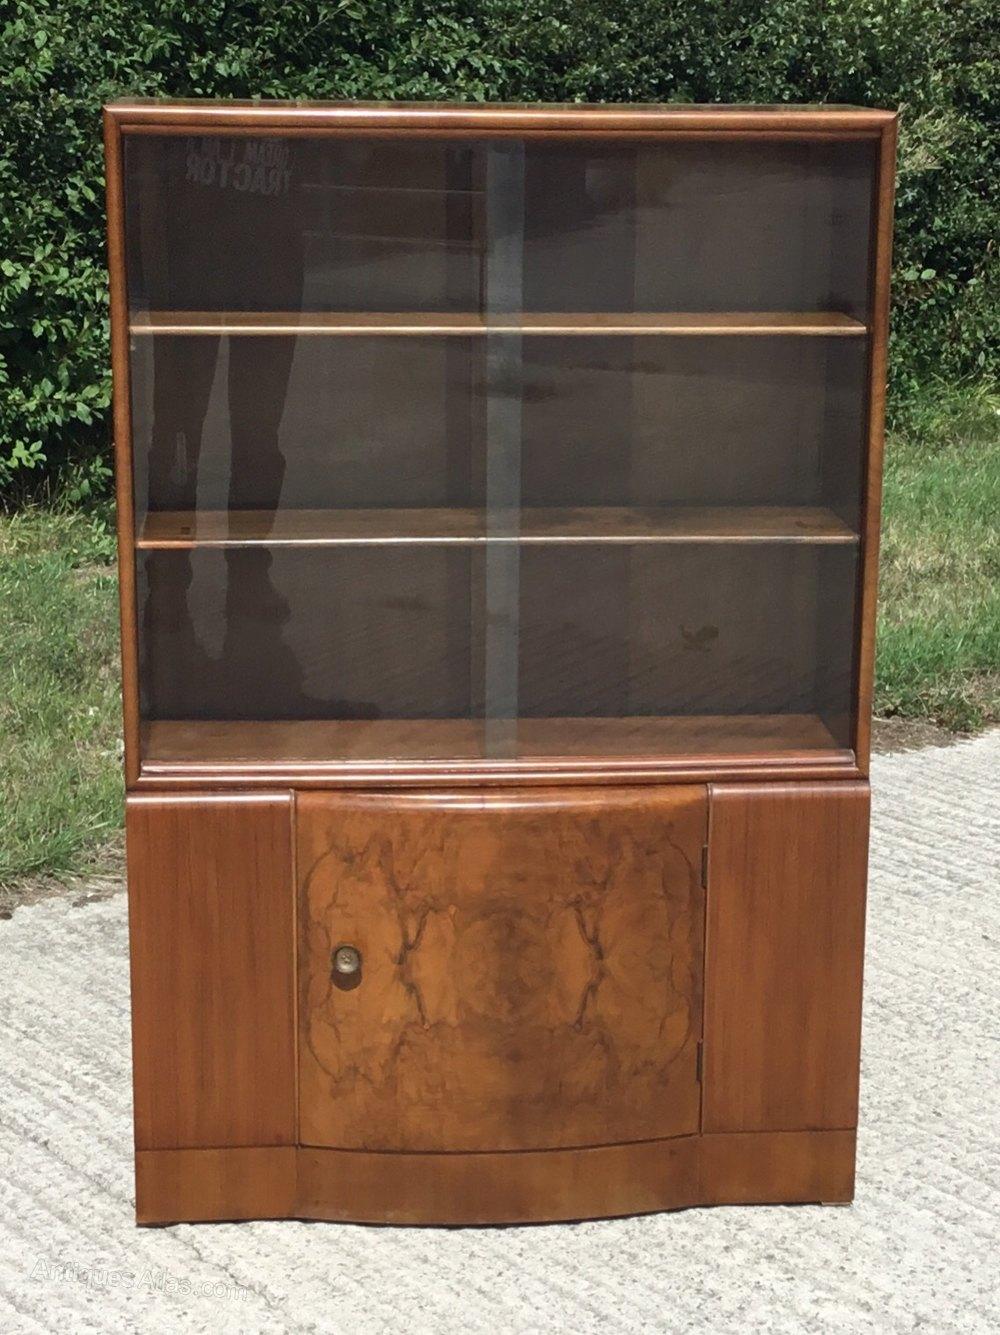 Burr Walnut Walnut Glazed Bookcase